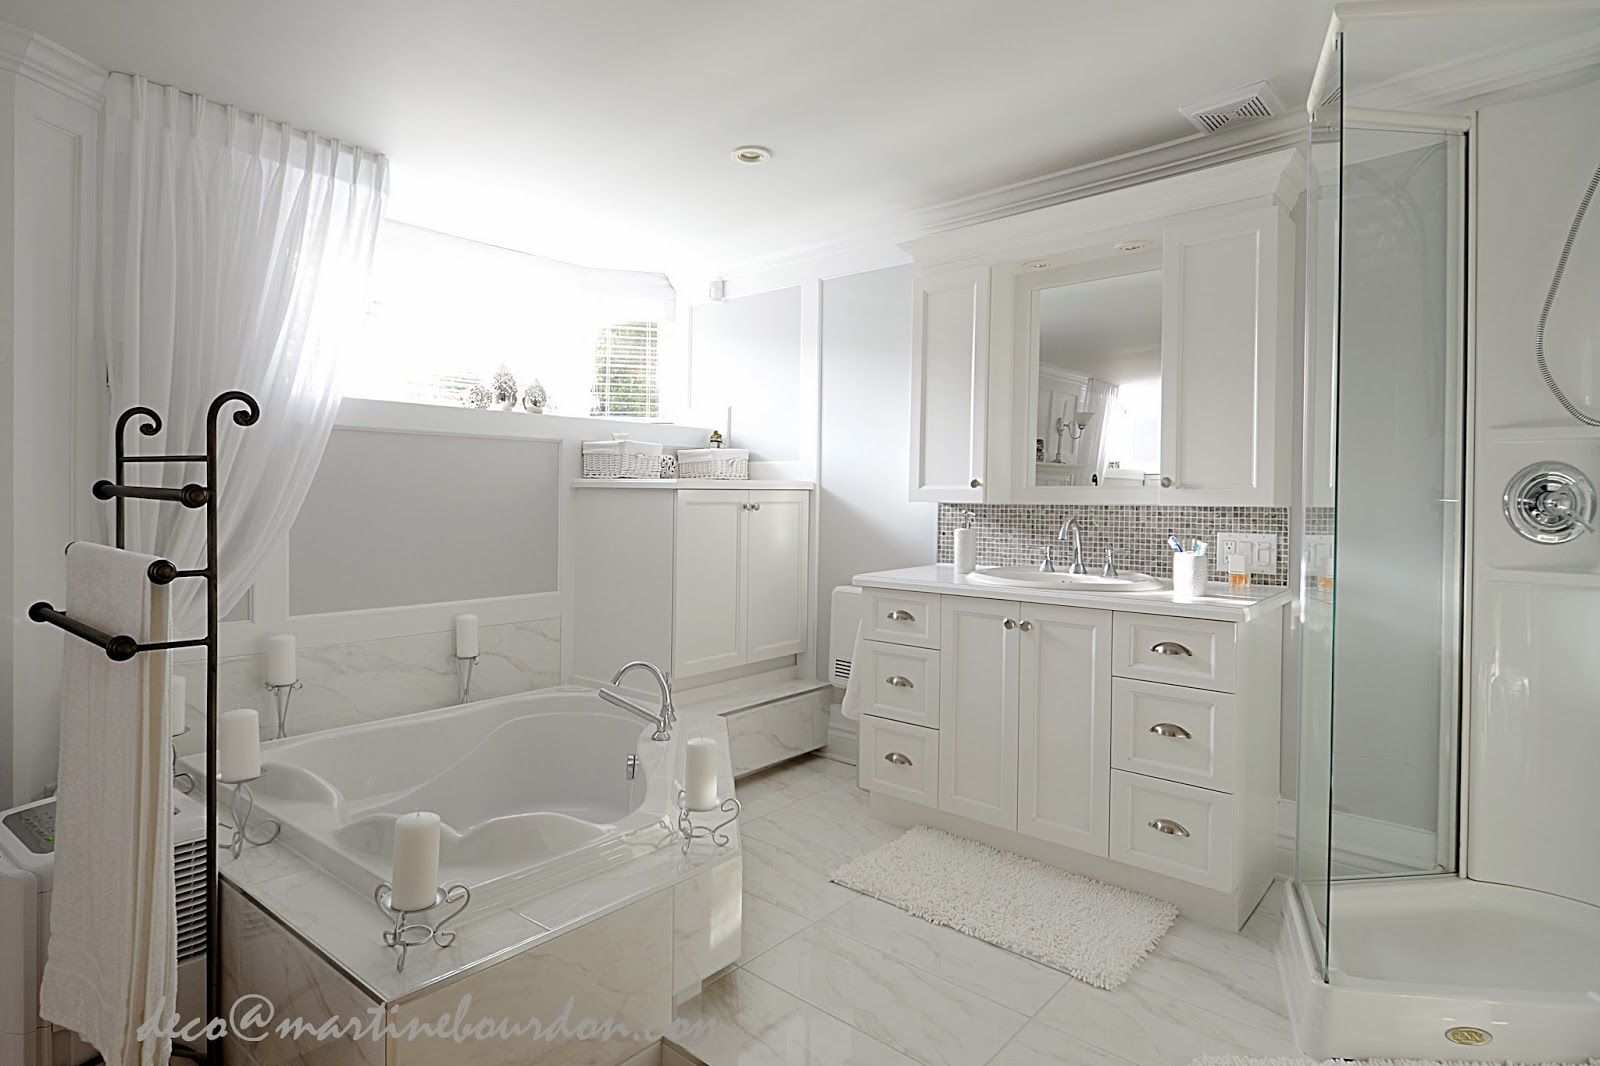 Peinture noir et blanc chambre for Deco salle de bain grise et blanche